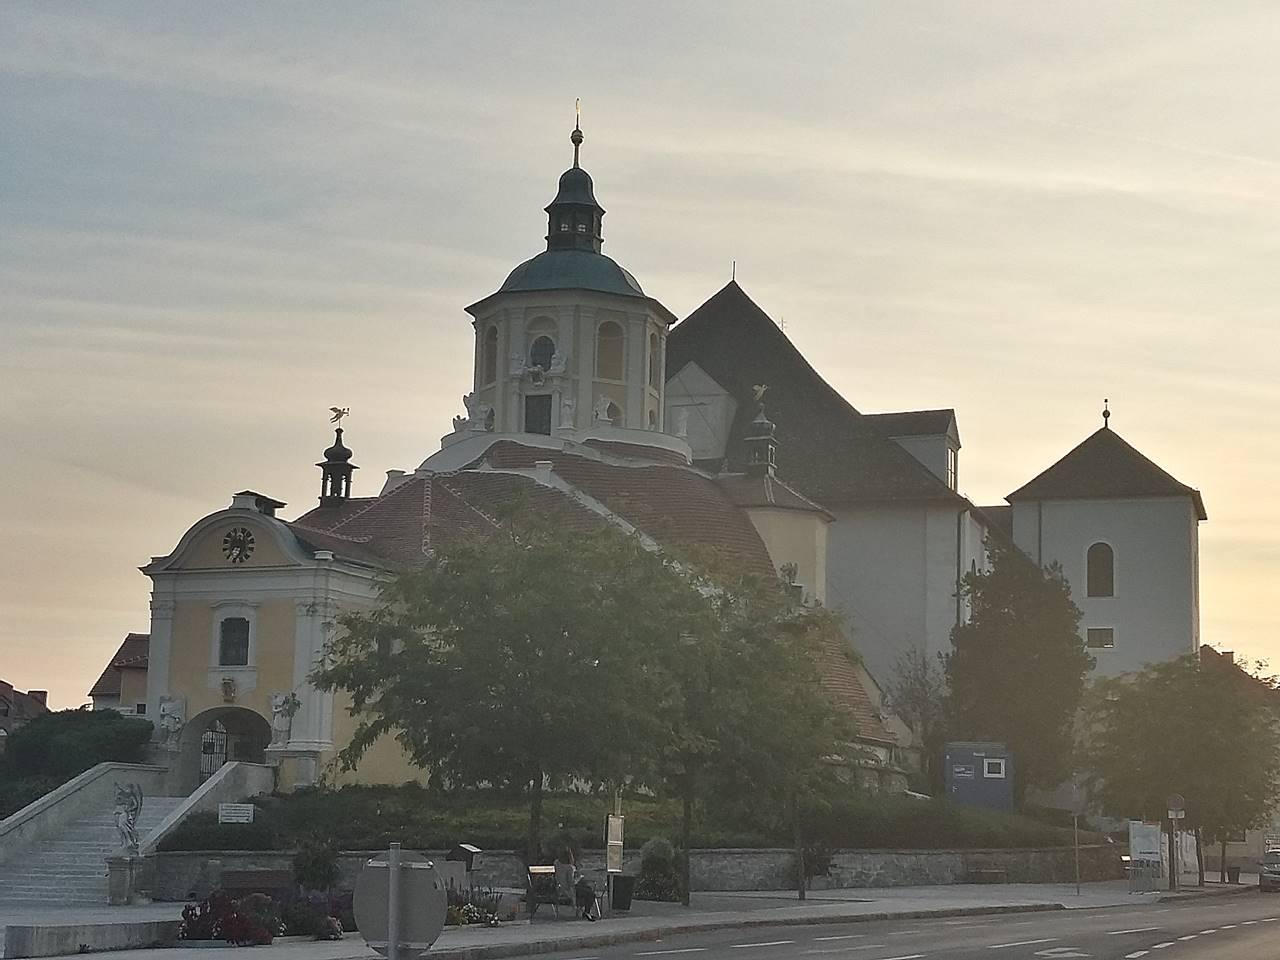 Haydnkirche (Bergkirche)